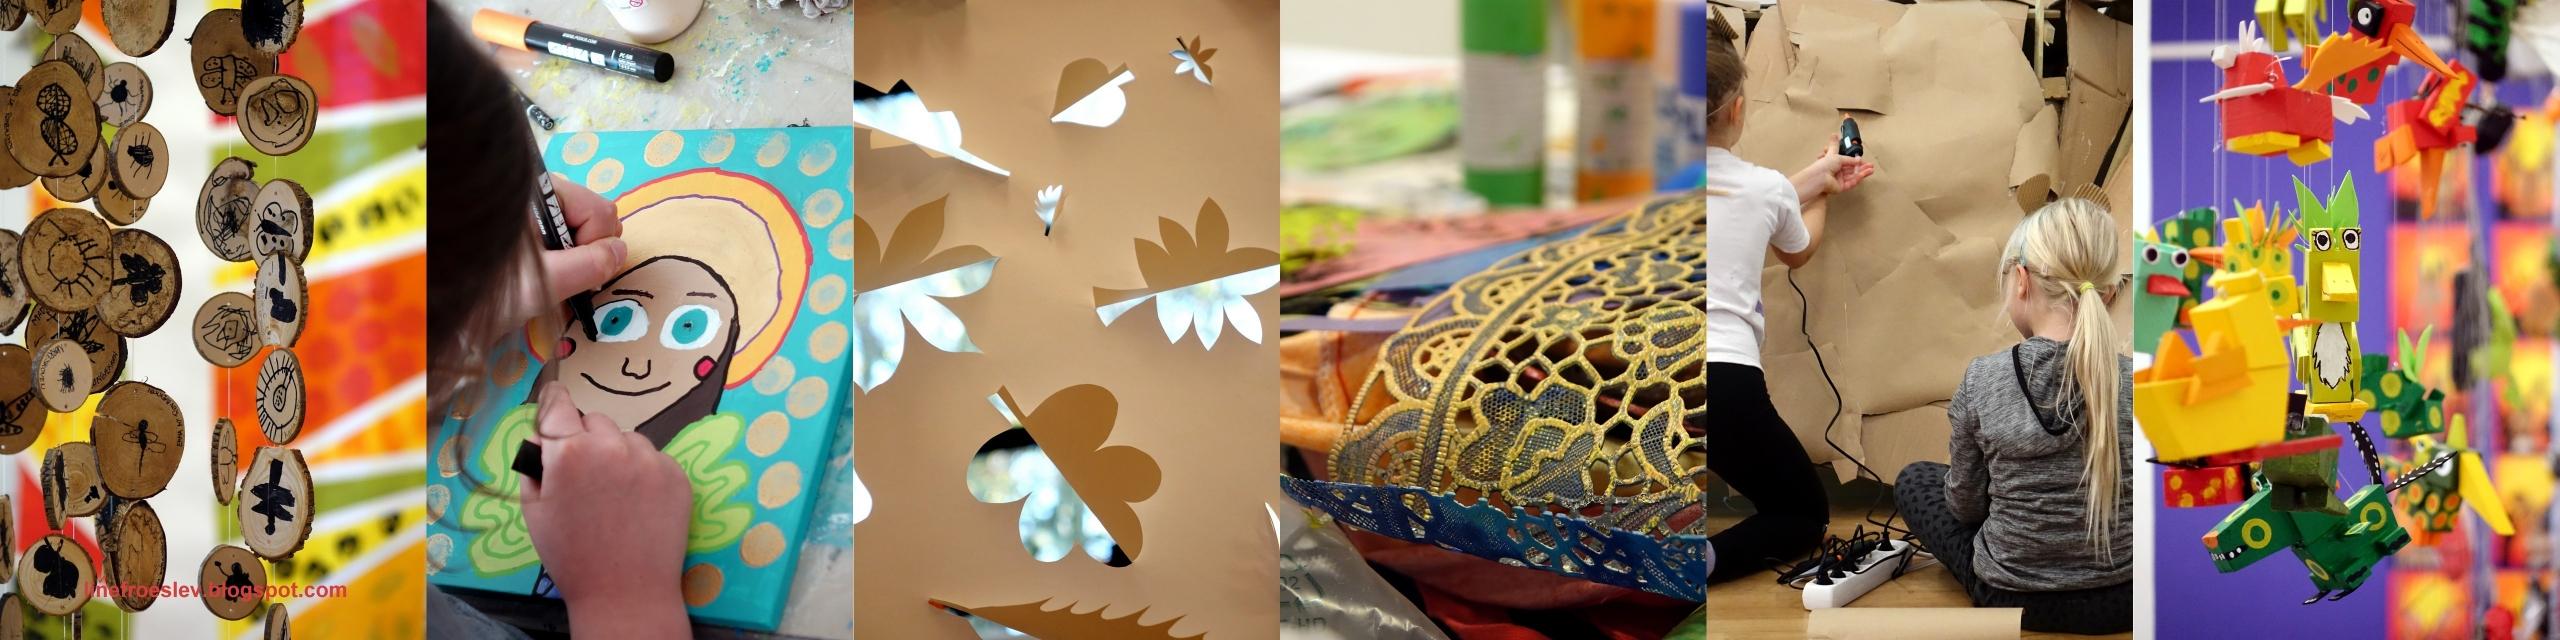 Kunstprojekter med børn